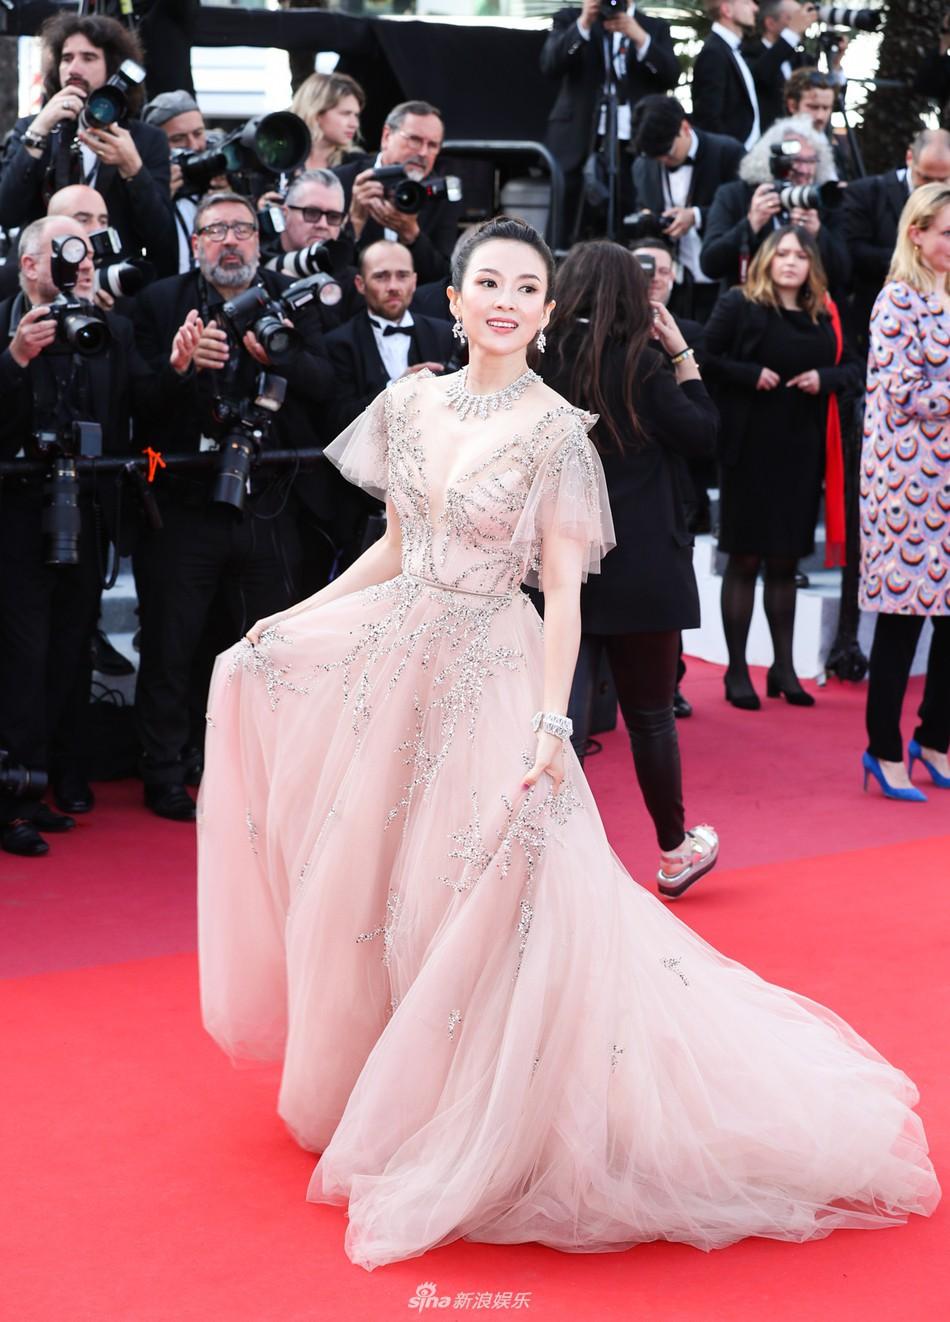 Chương Tử Di lại hút ống kính bằng vẻ đẹp không tì vết nhưng một người đẹp 50 tuổi khác cũng gây chú ý không kém trong ngày bế mạc Cannes - Ảnh 1.